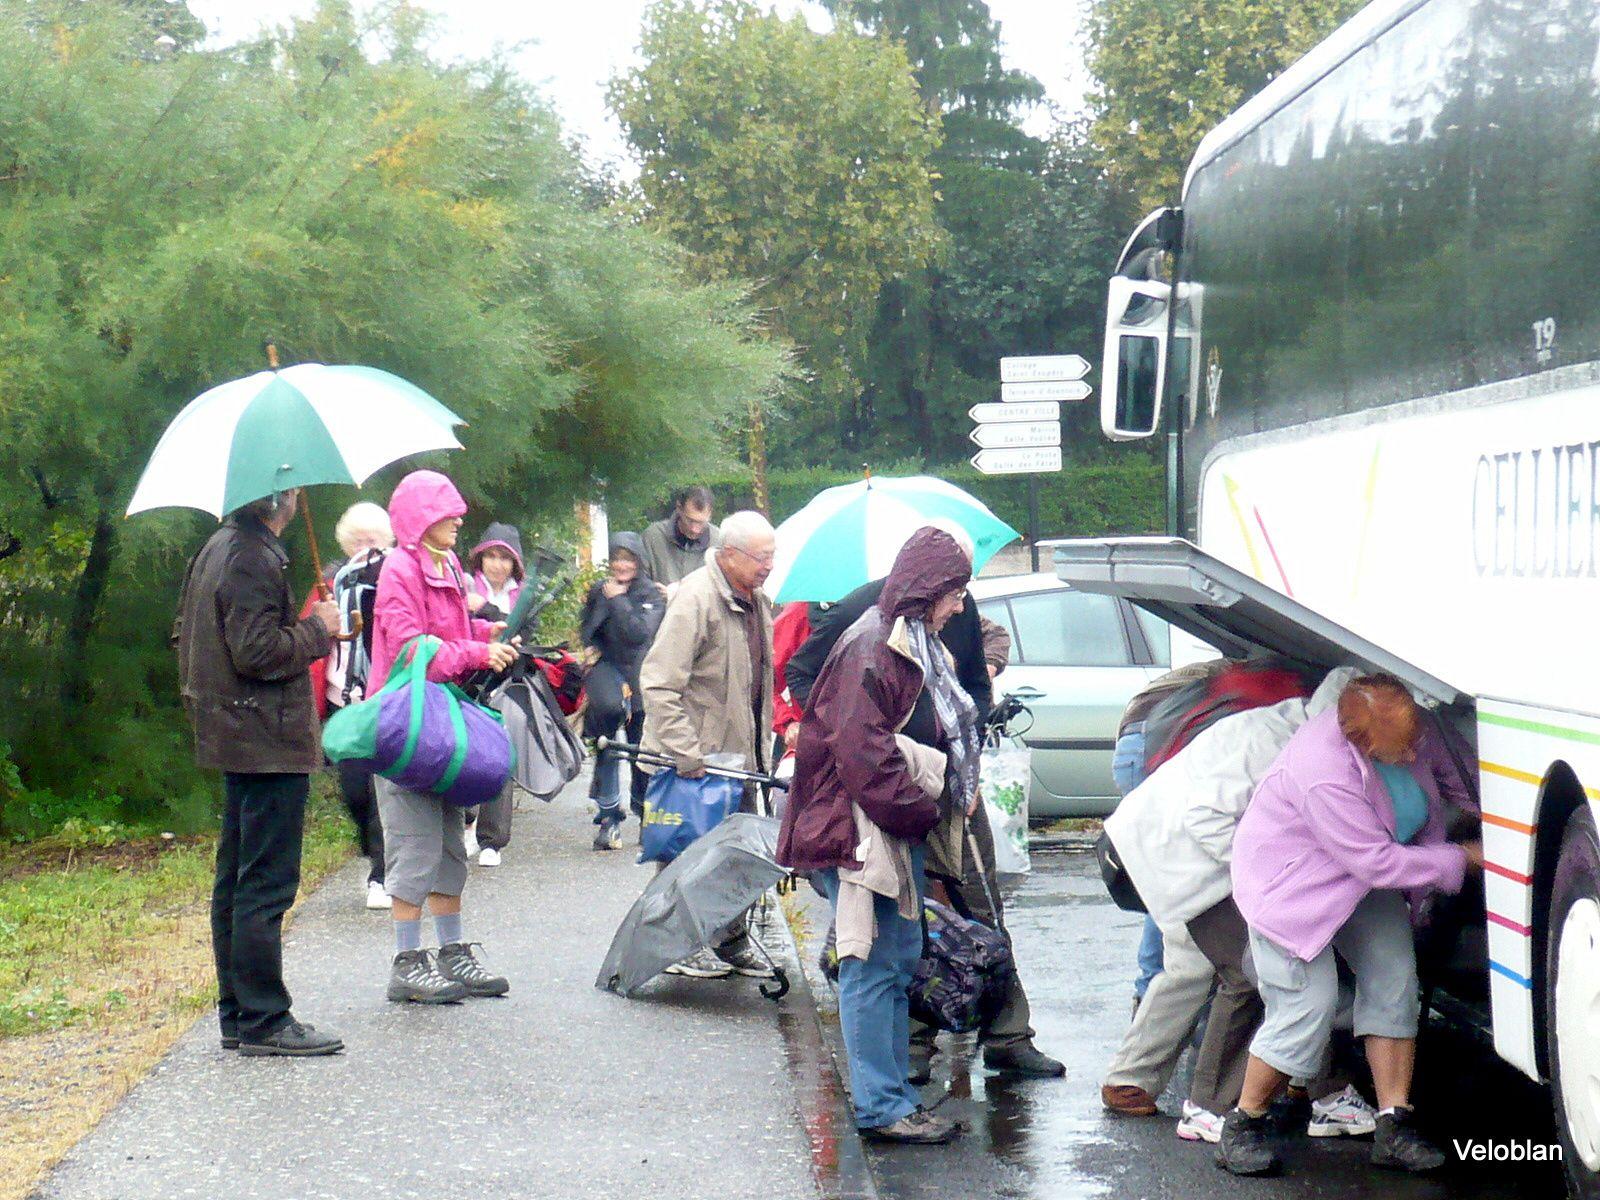 Le matin à 9h nous sommes 40 au départ de Lempdes. La pluie s'invite.